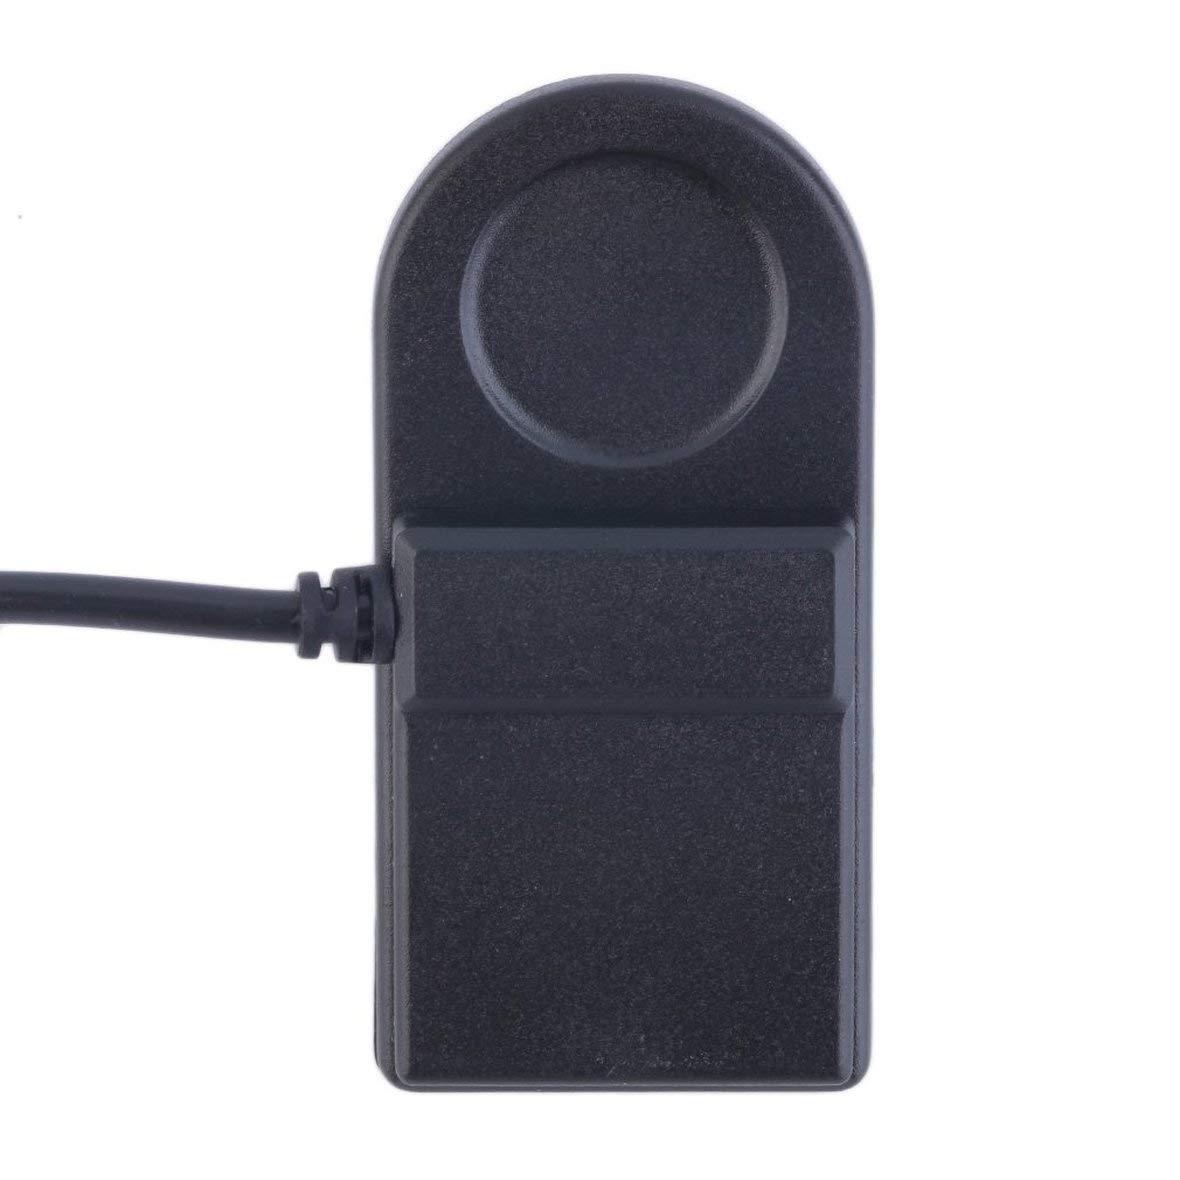 Heaviesk C/âble de Serrage pour Chargeur USB en Plastique Noir Compact et l/éger pour Garmin Forerunner 405CX 405 410 910XT 310XT